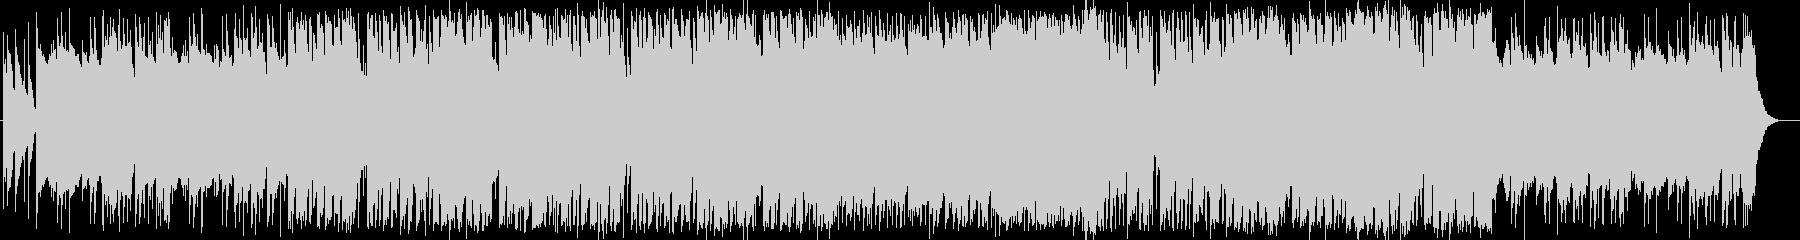 ロックな「たなばたさま」童謡カバーの未再生の波形